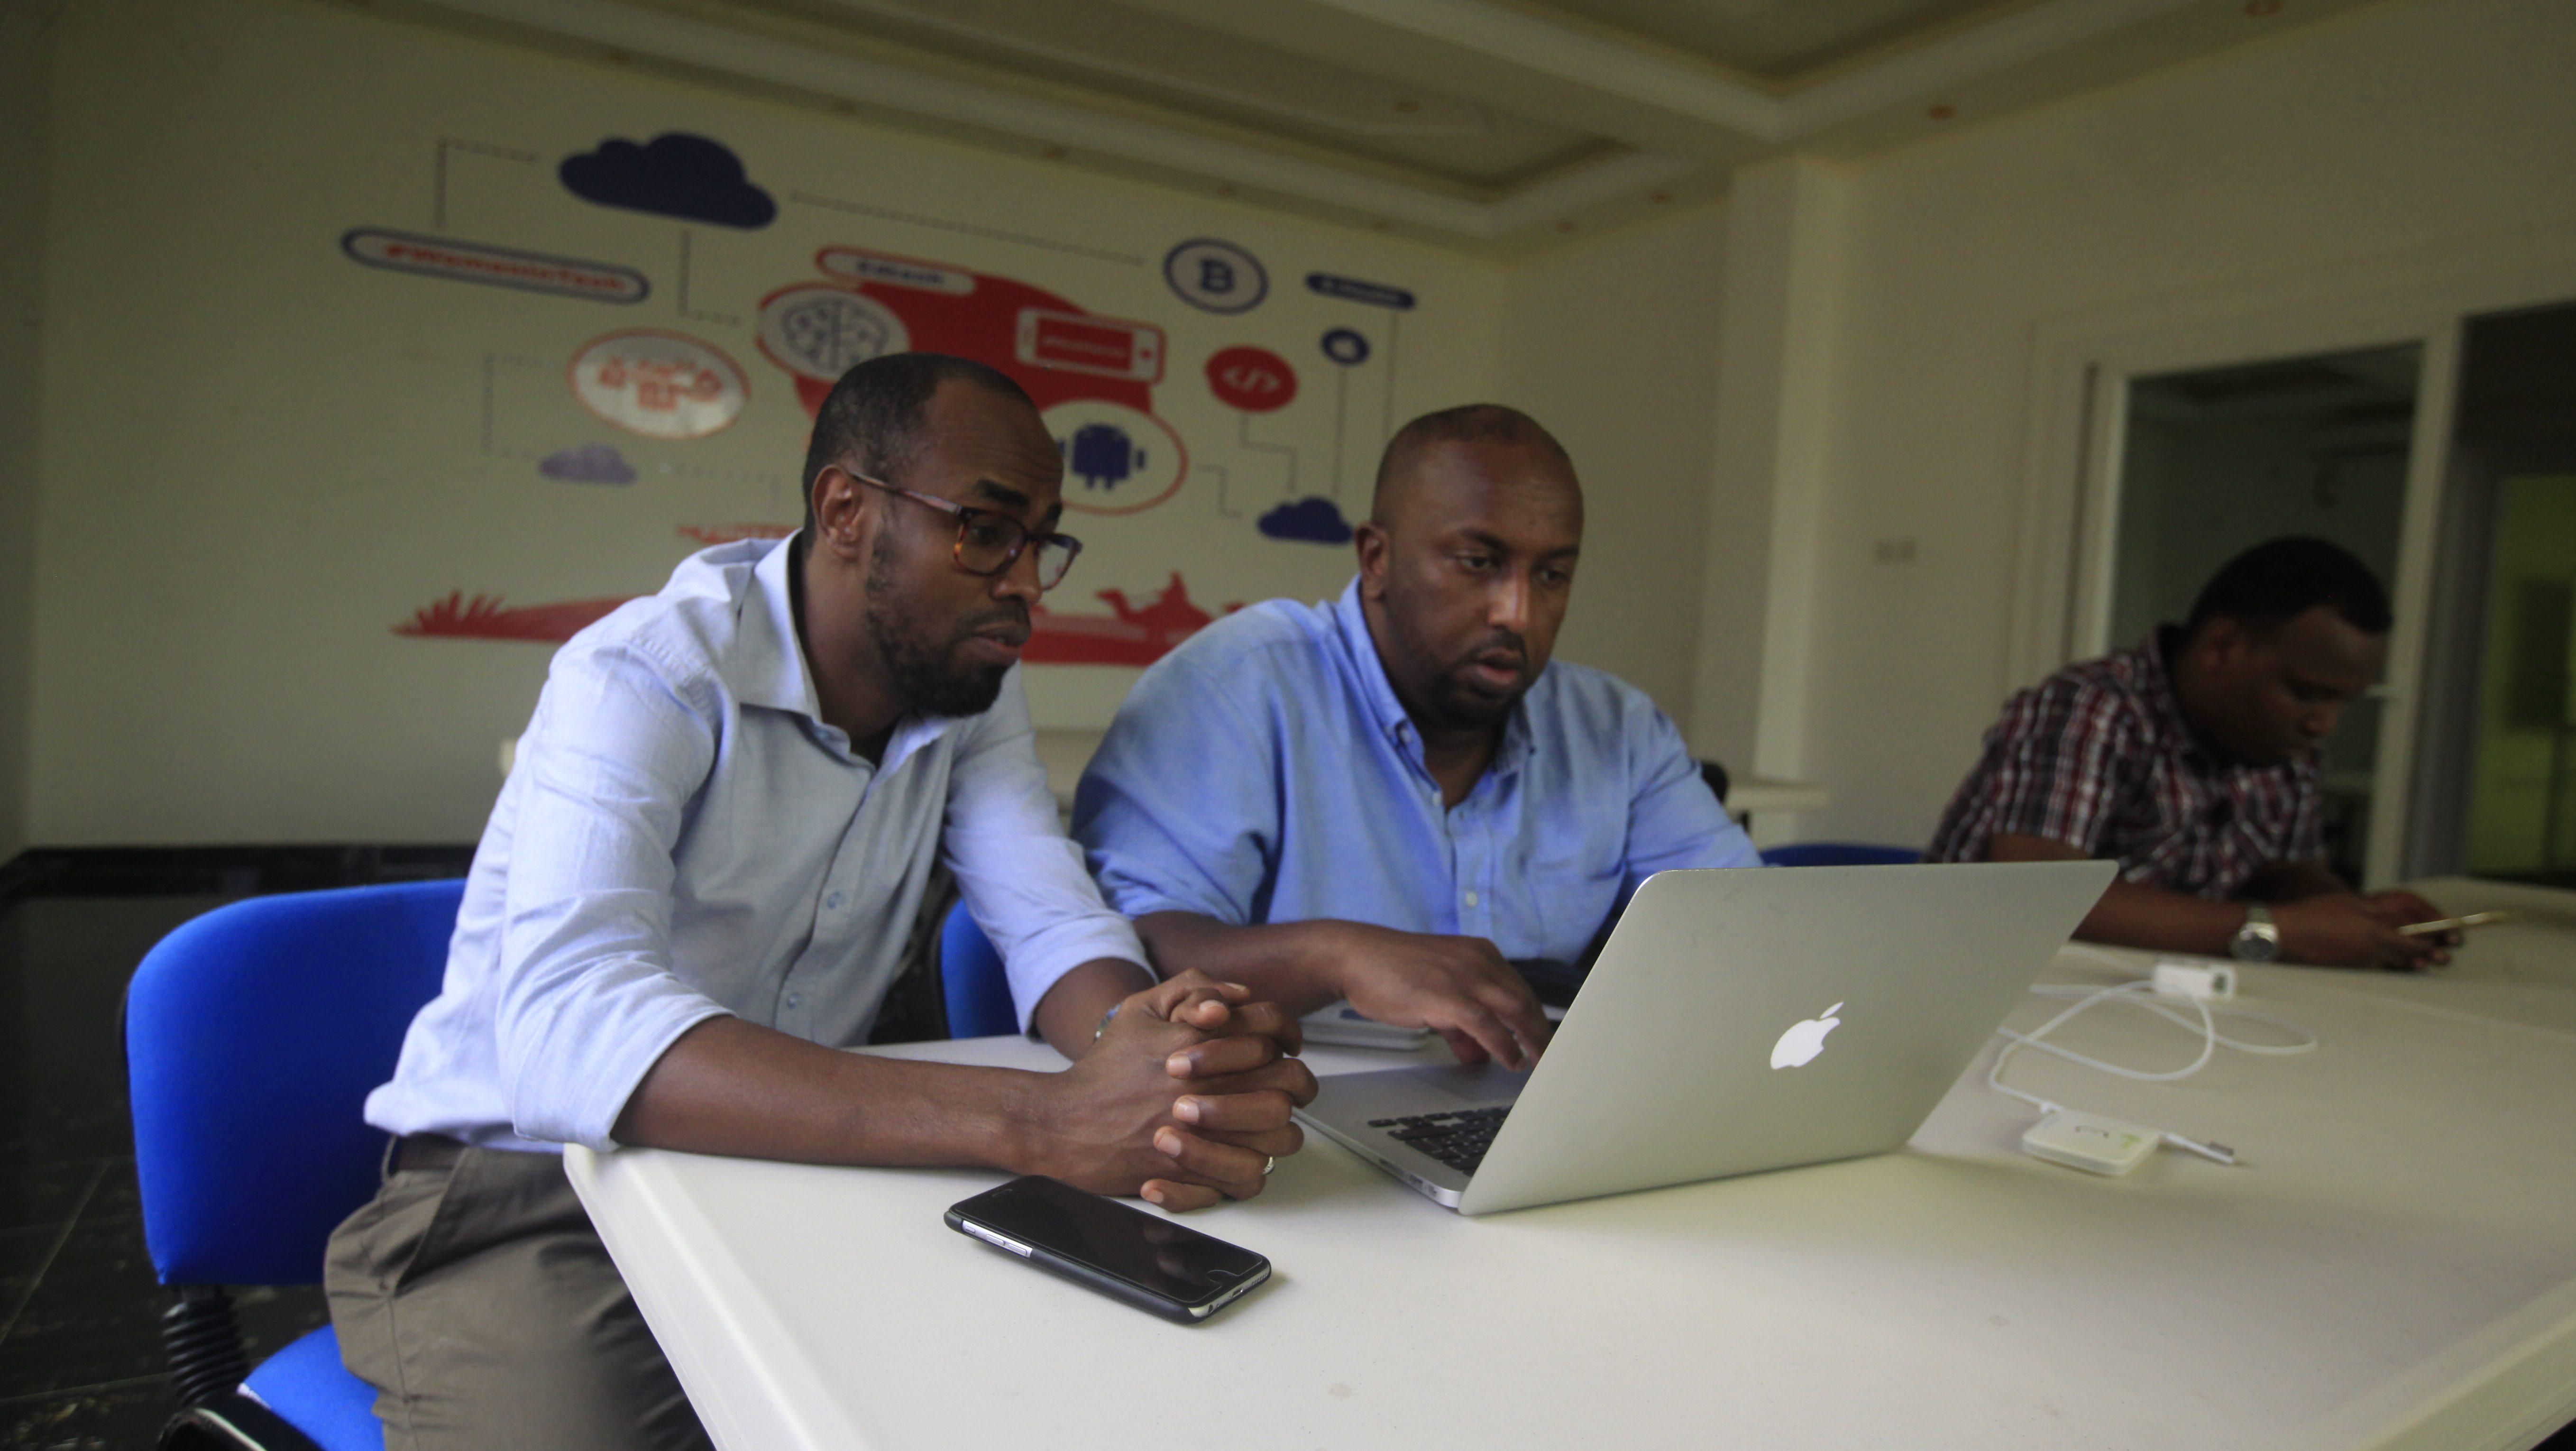 iRise Hub in Mogadishu, Somalia